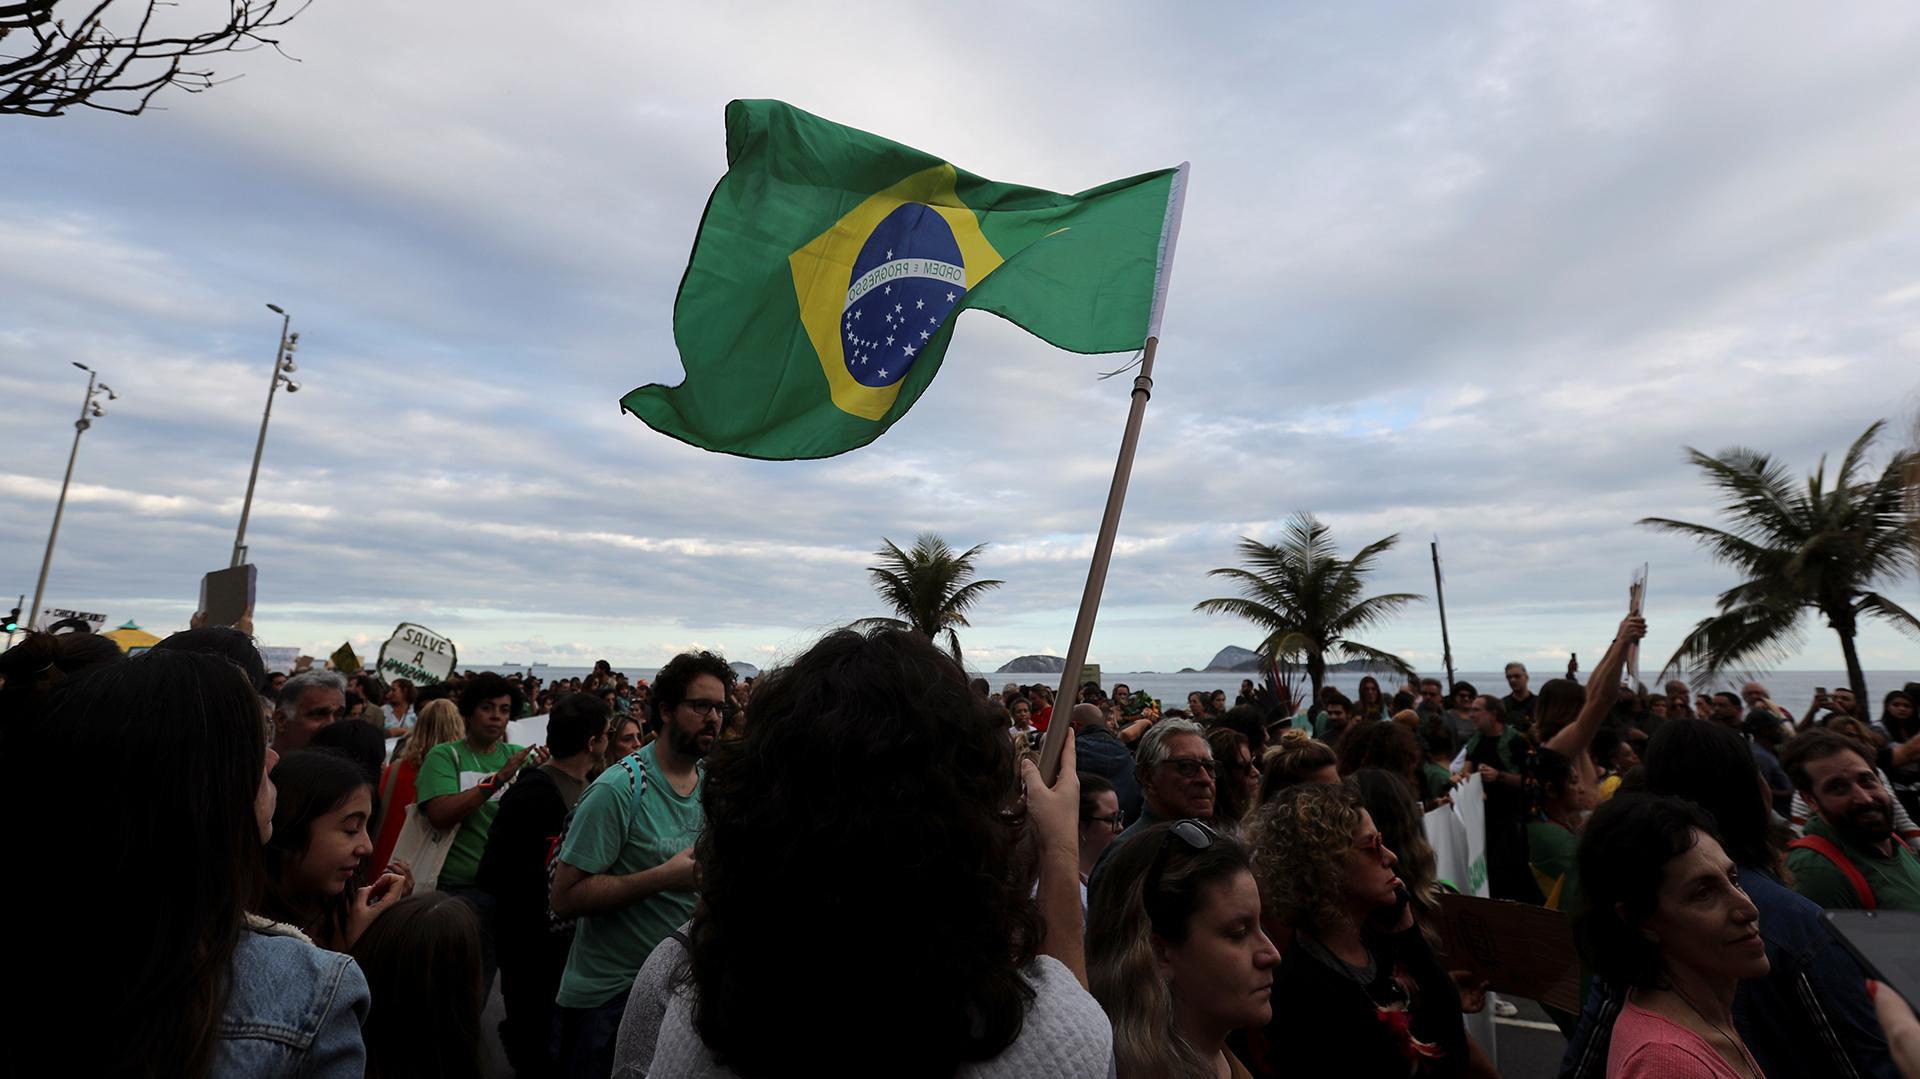 Un asistente sostiene una bandera brasileña durante la manifestación para exigir más protección para la selva amazónica. REUTERS / Sergio Moraes